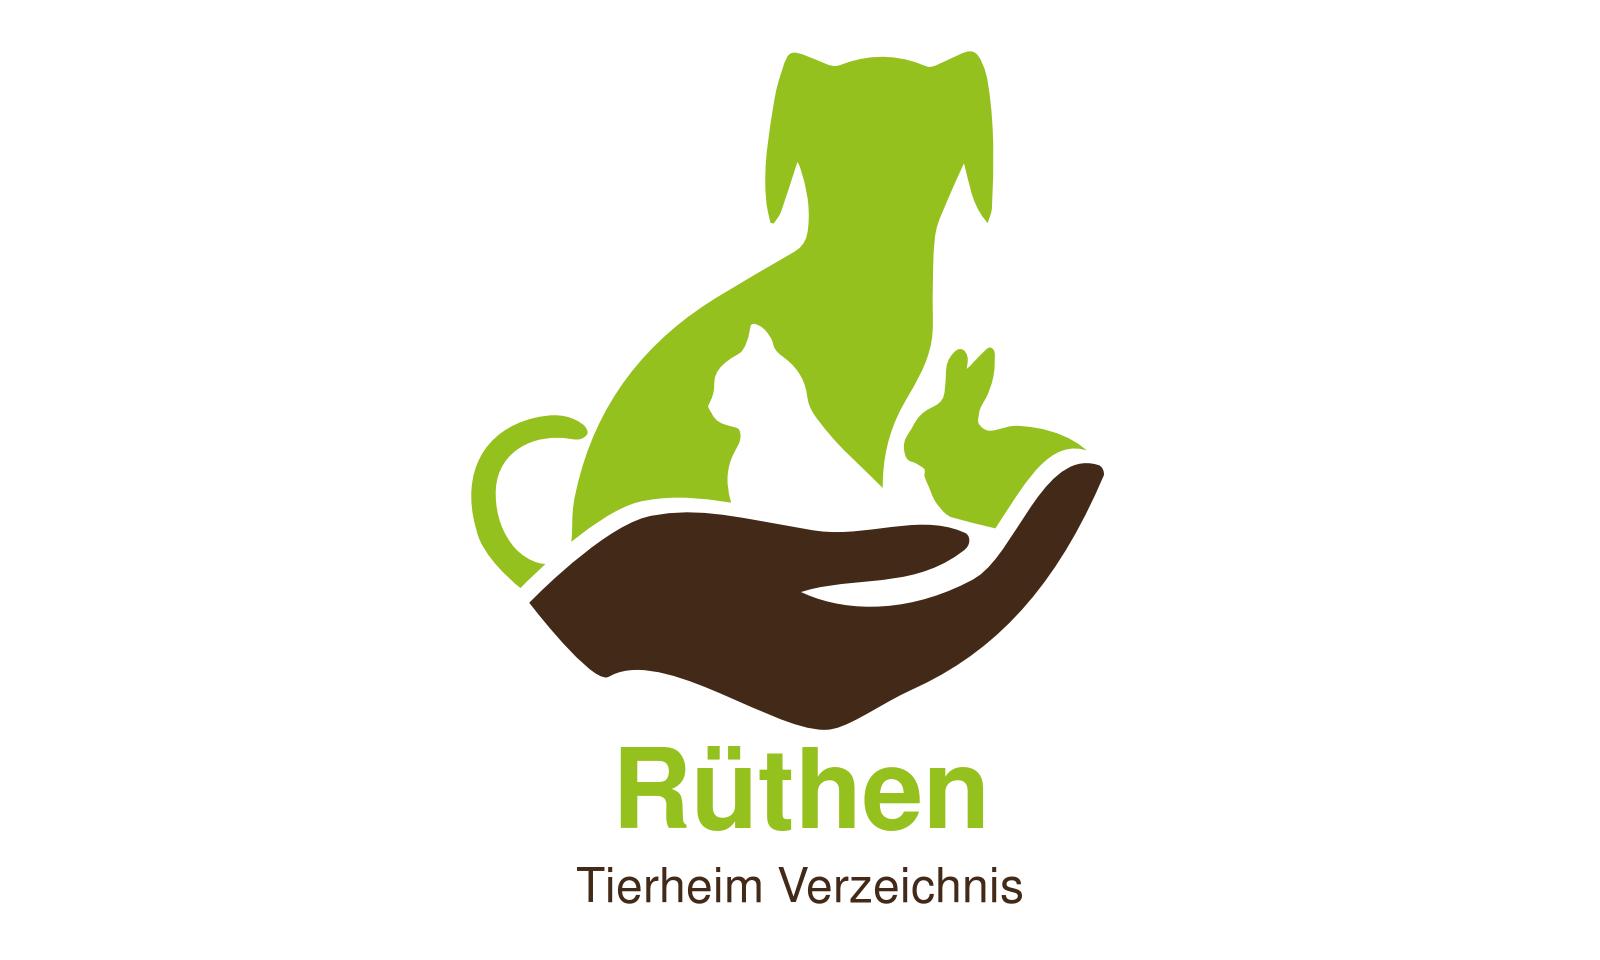 Tierheim Rüthen